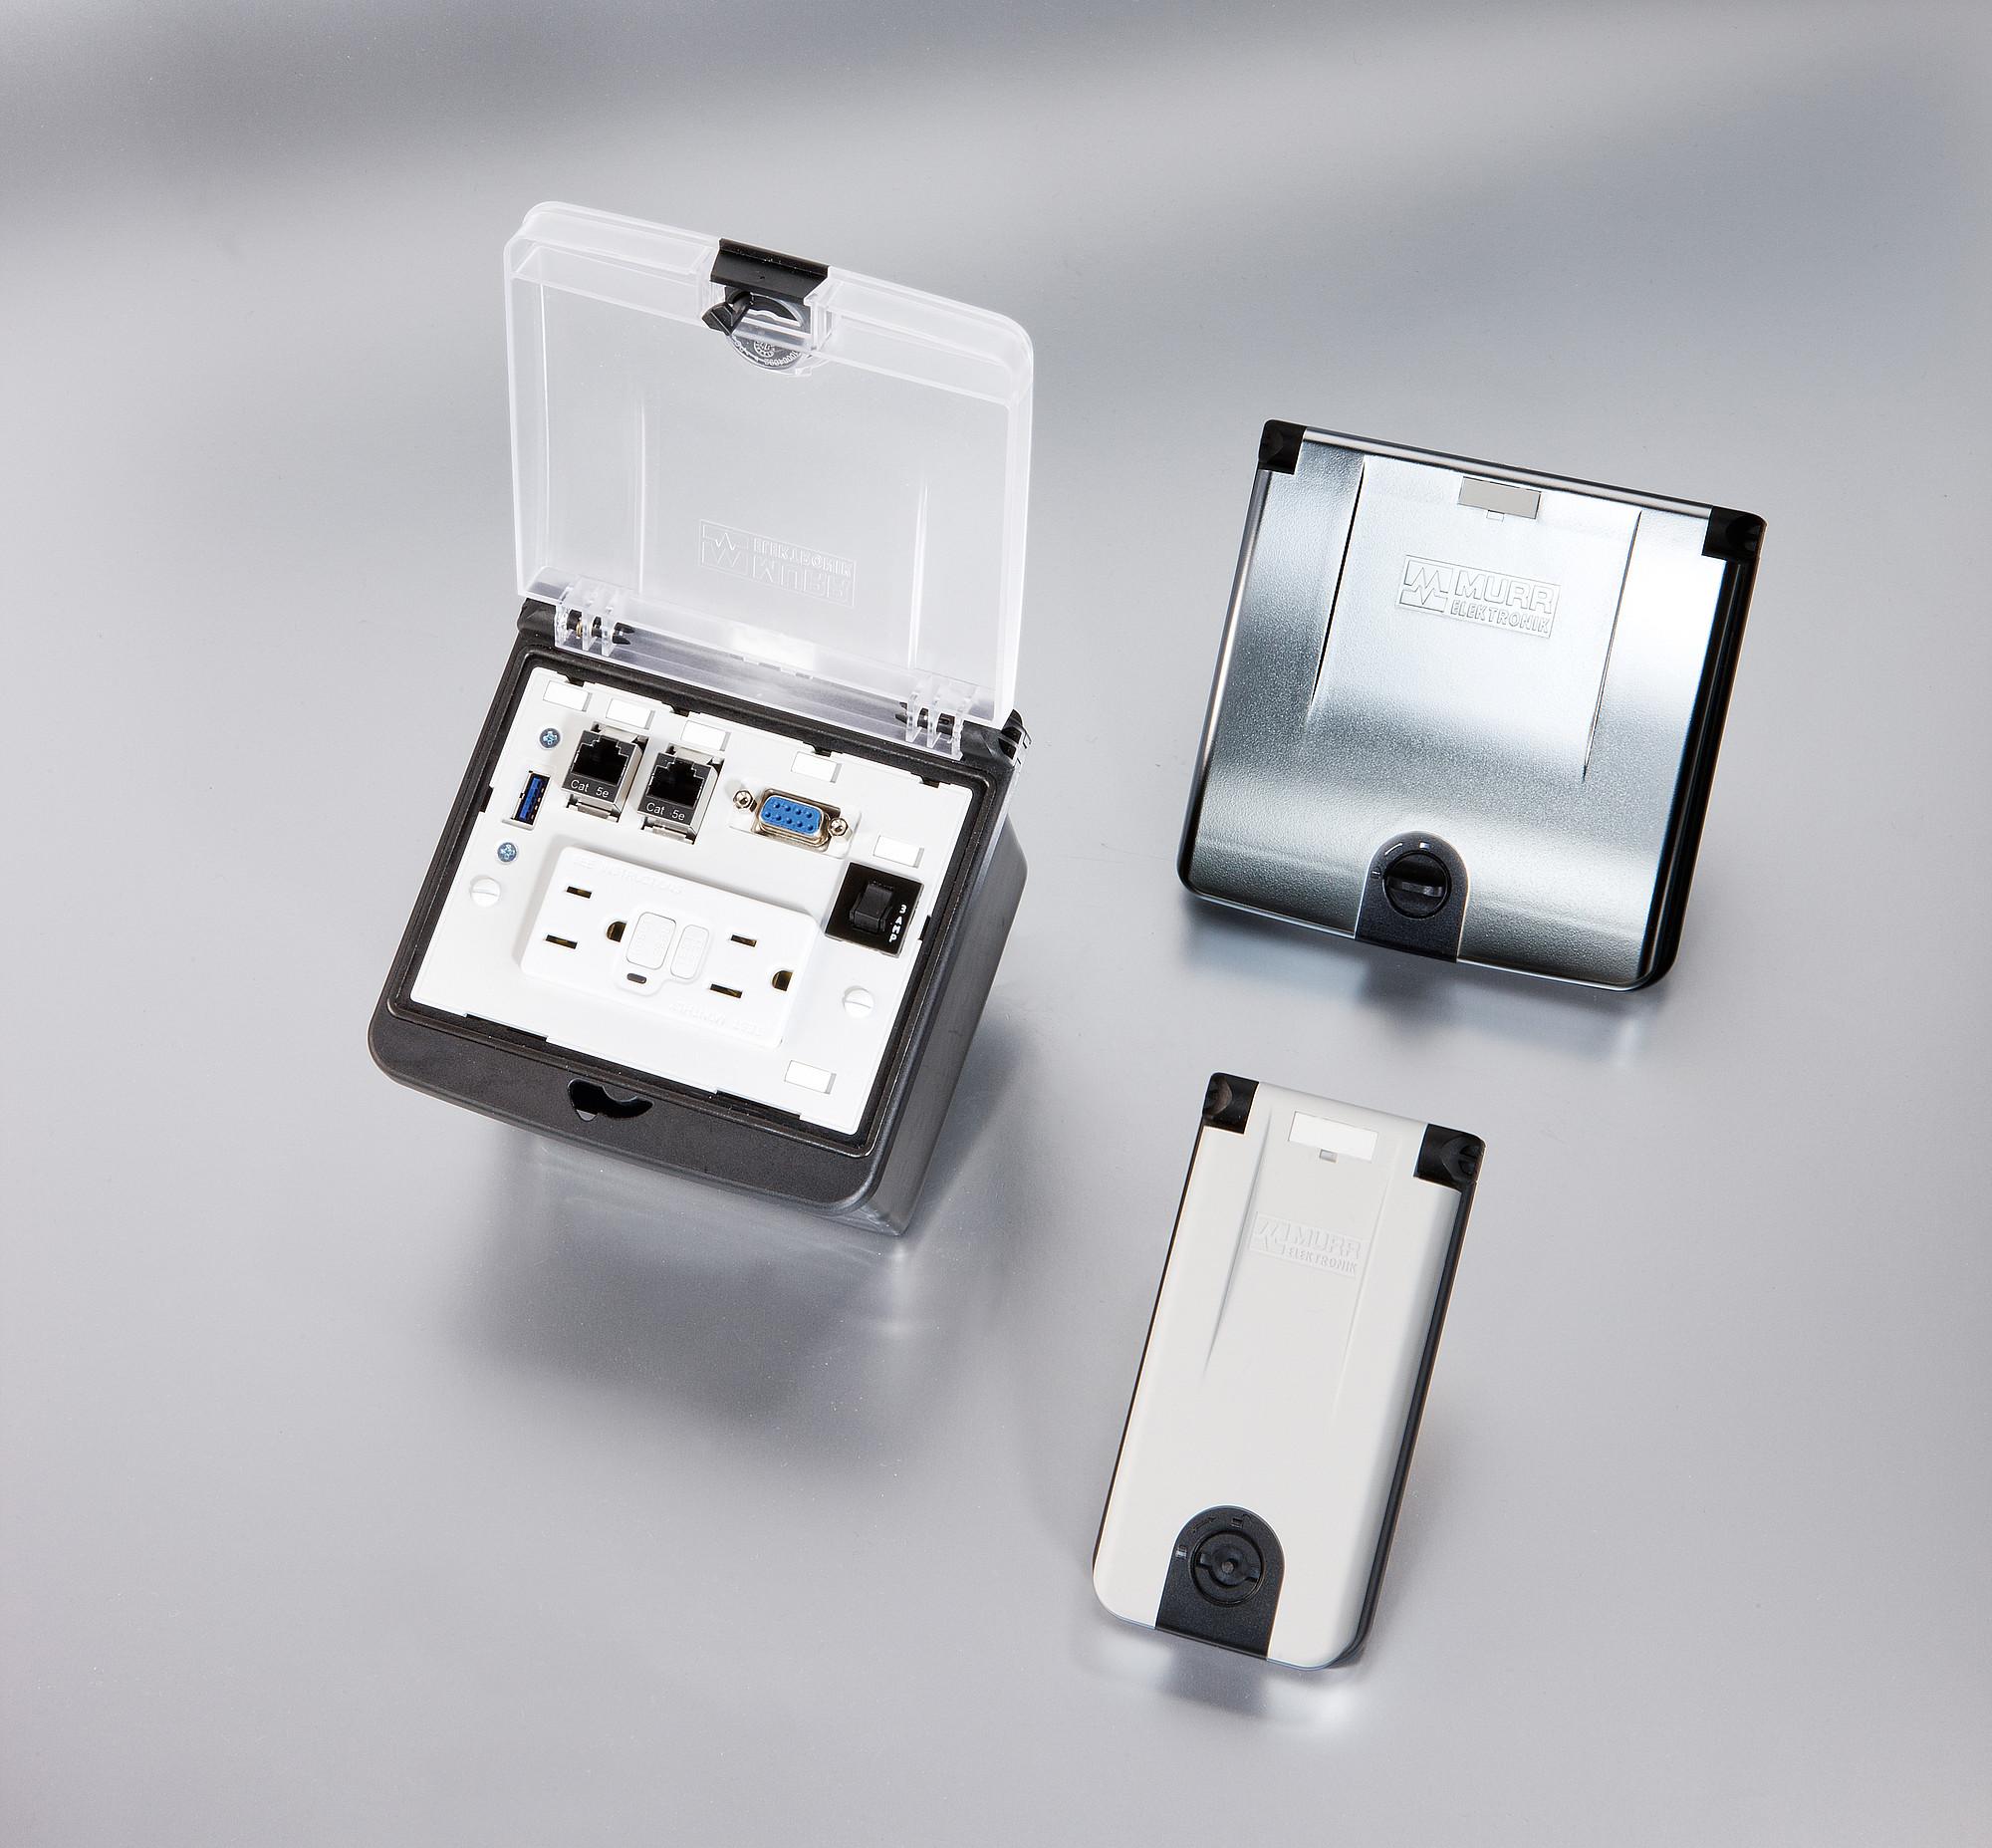 Modlink MSDD | Giao diện trước mặt tủ